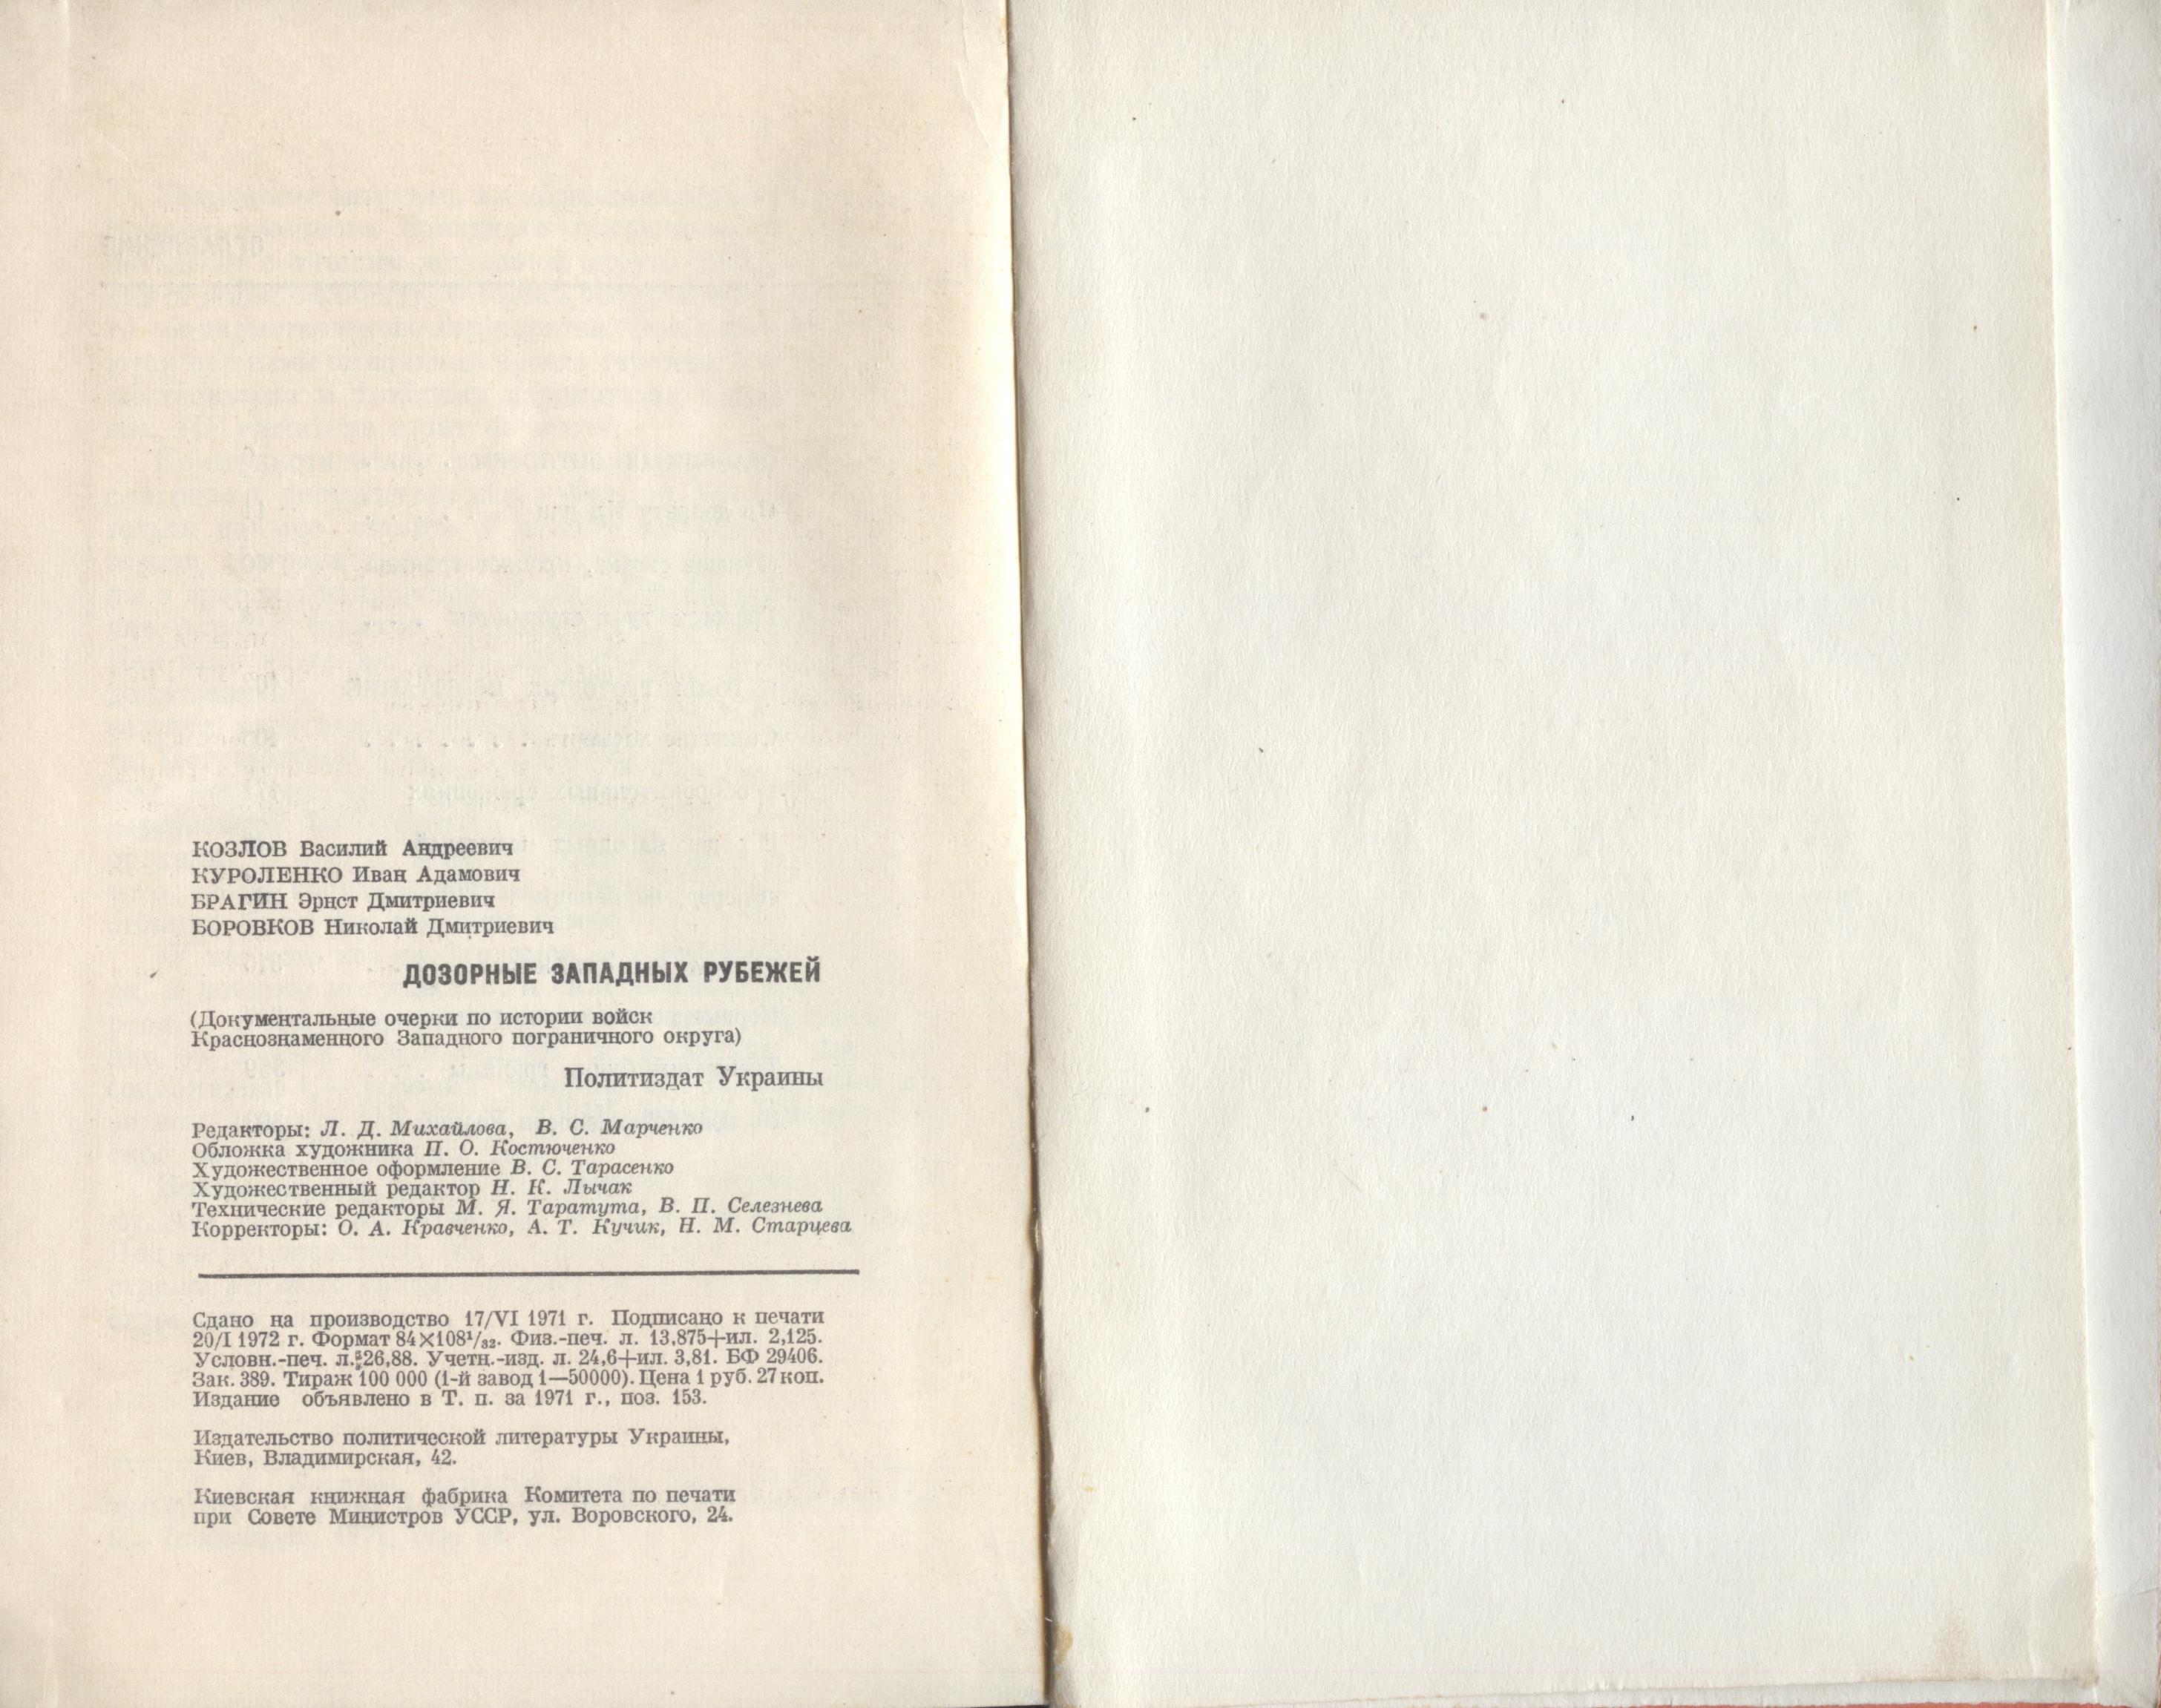 Книга «Дозорные западных рубежей» - Библиографическое описание